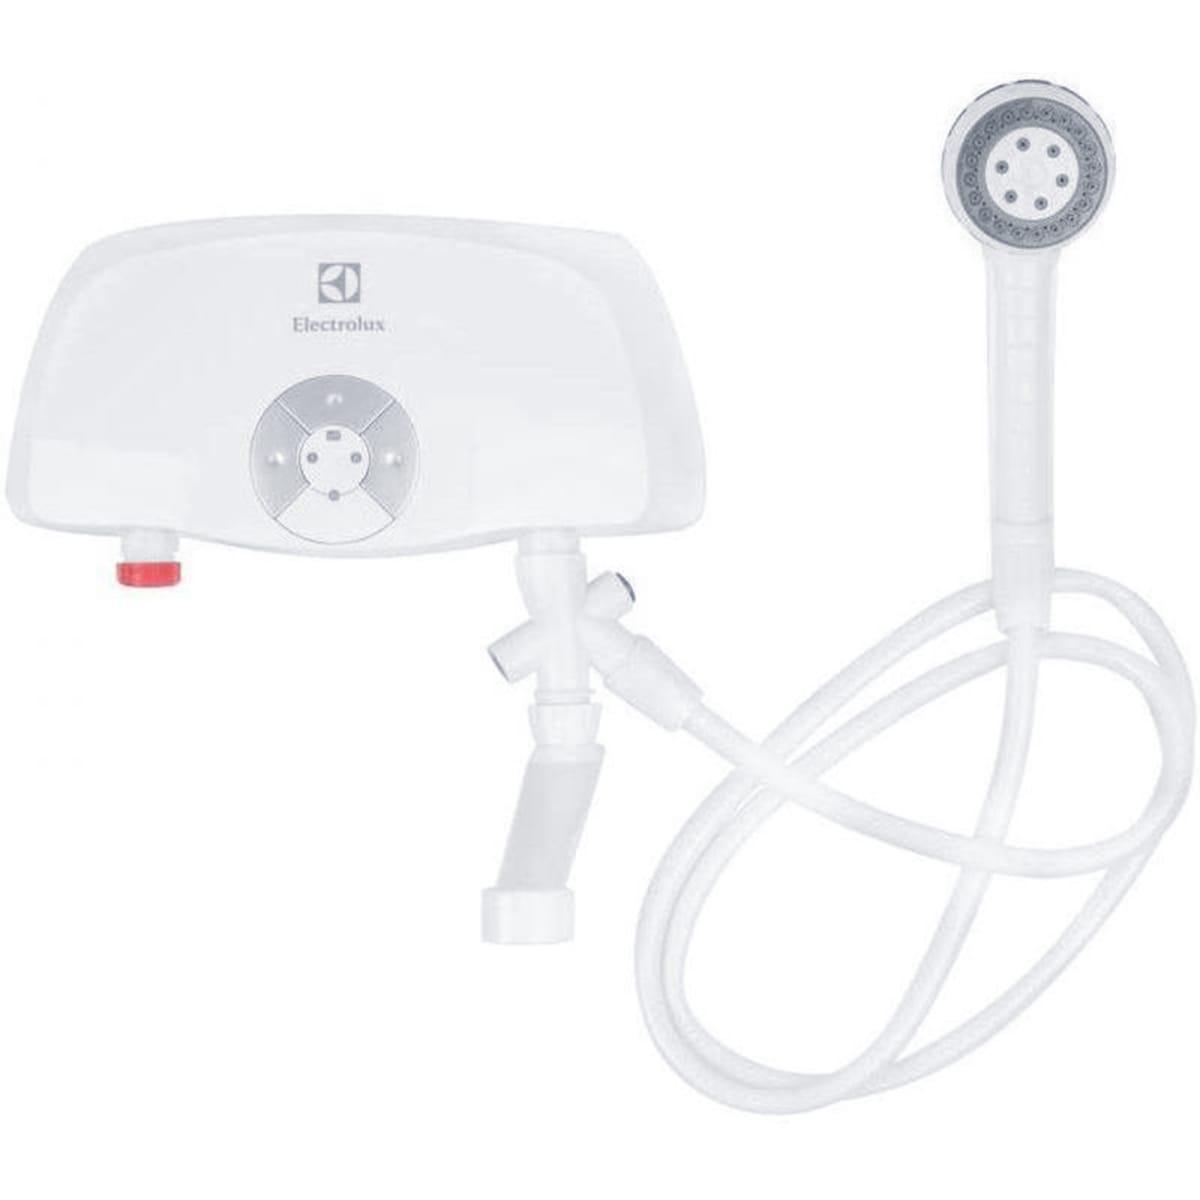 Водонагреватель проточный 3.5 кВт с душем и краном Electrolux Smartfix TS